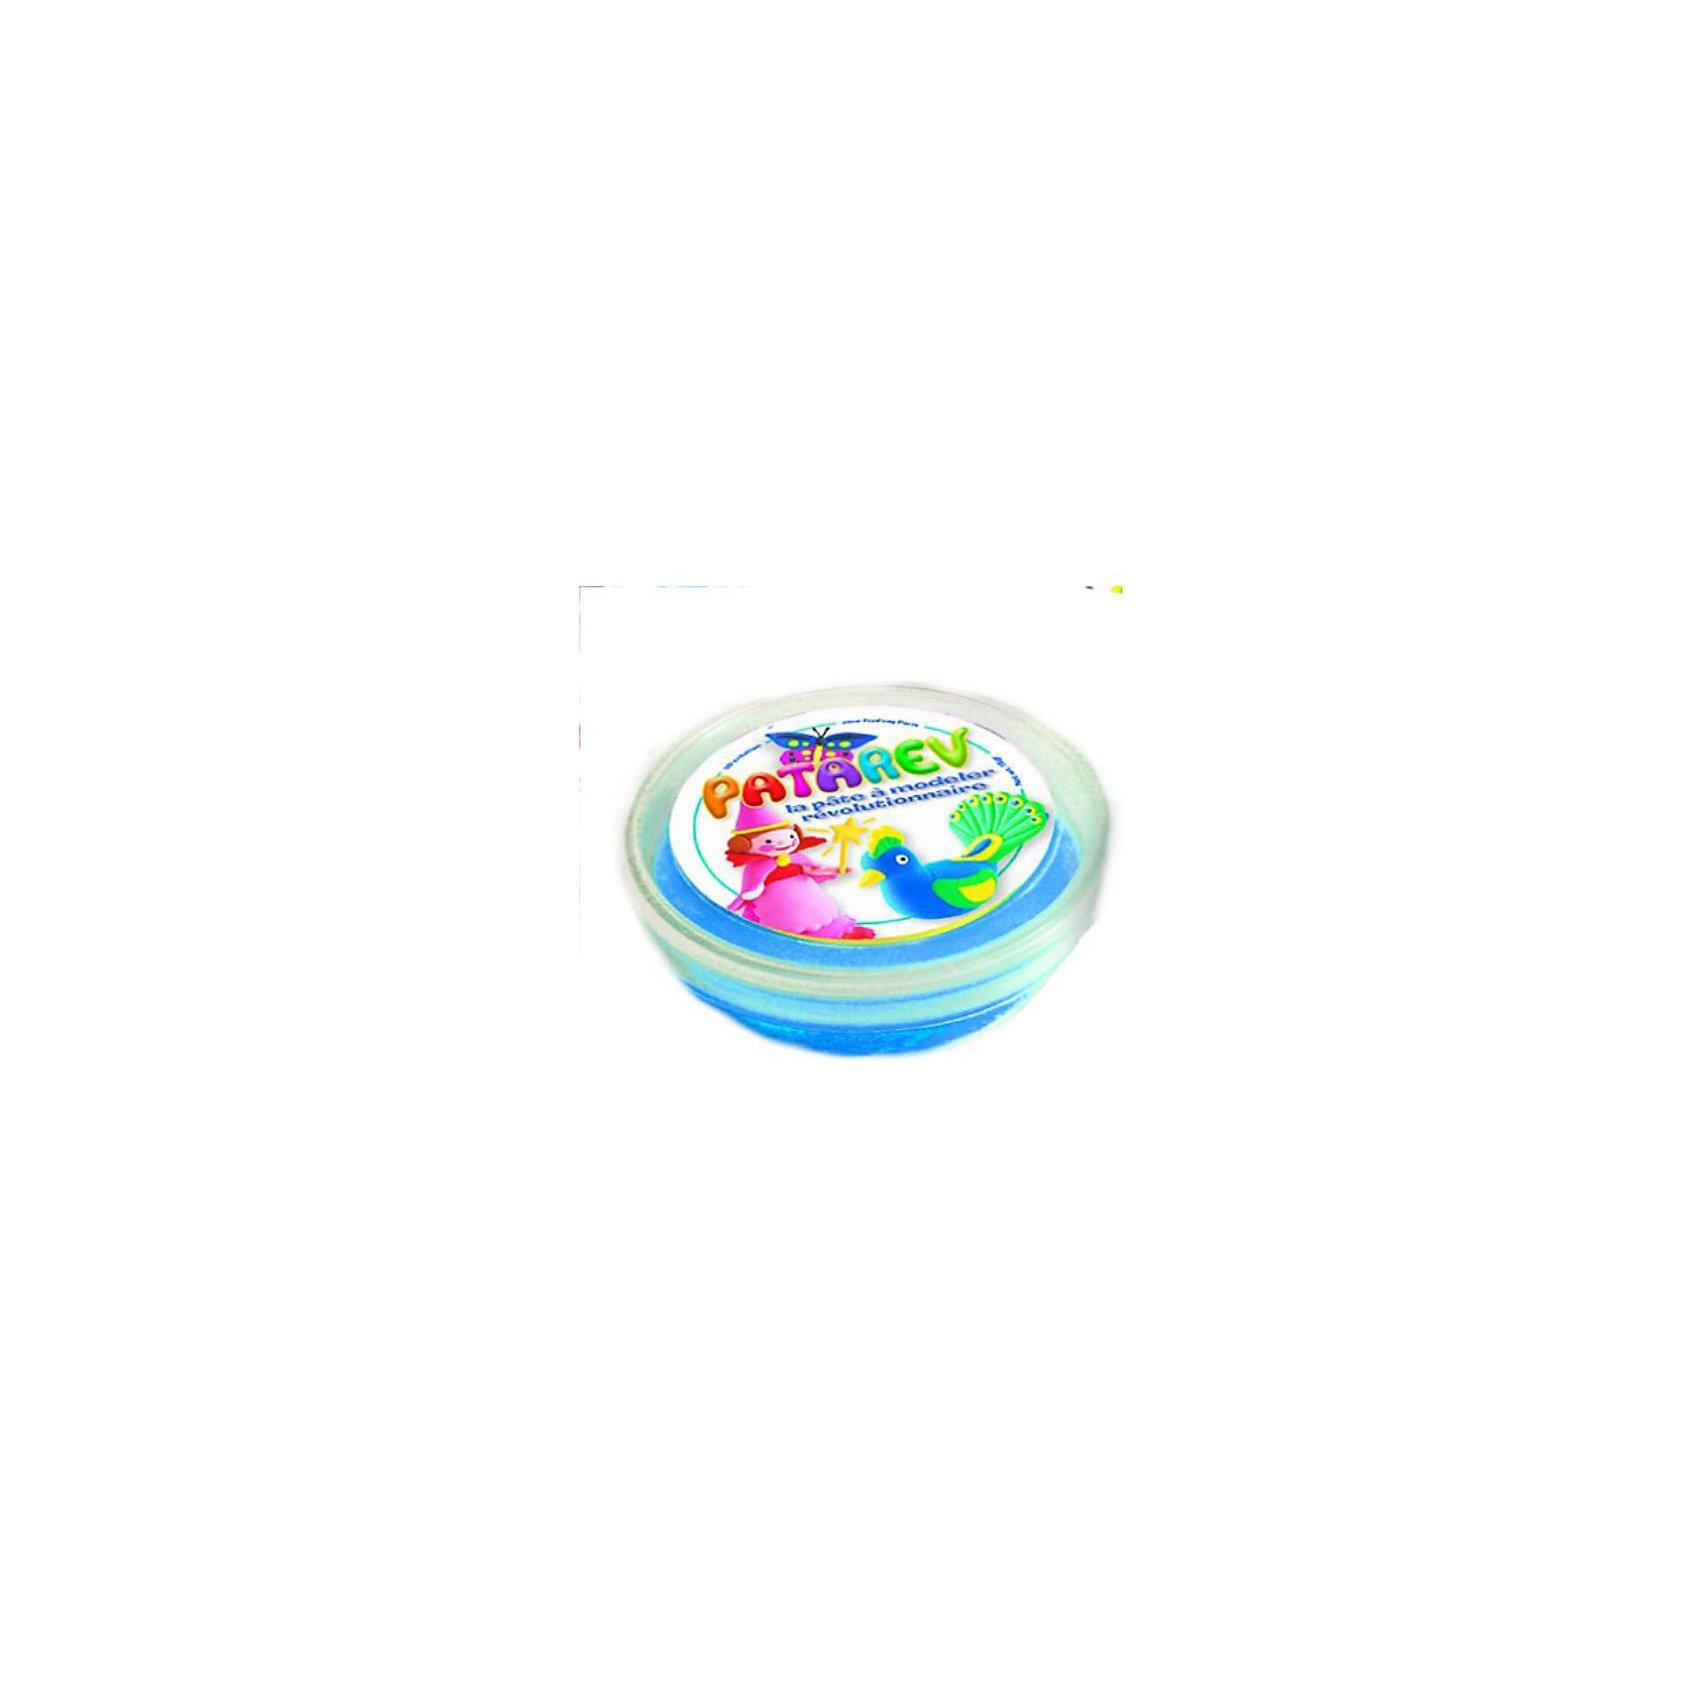 SentoSphere SentoSpherе 866 Пластилин PATAREV 30 грамм (синий) наборы для лепки sentosphere набор для творчества волшебный пластилин серия патарев